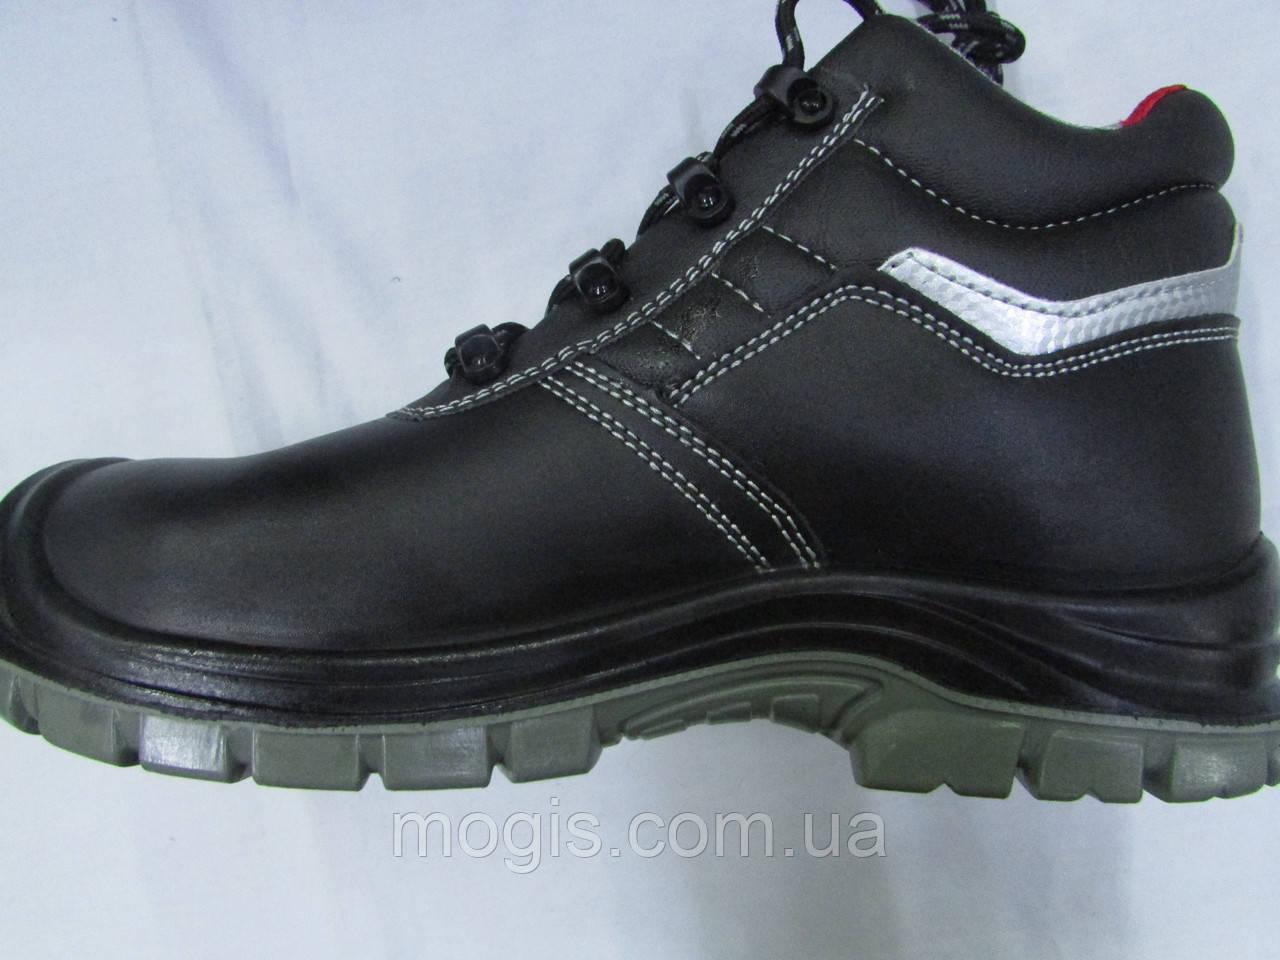 Ботинки из гладкой кожи с композитным подноском (для подразделений МЧС)